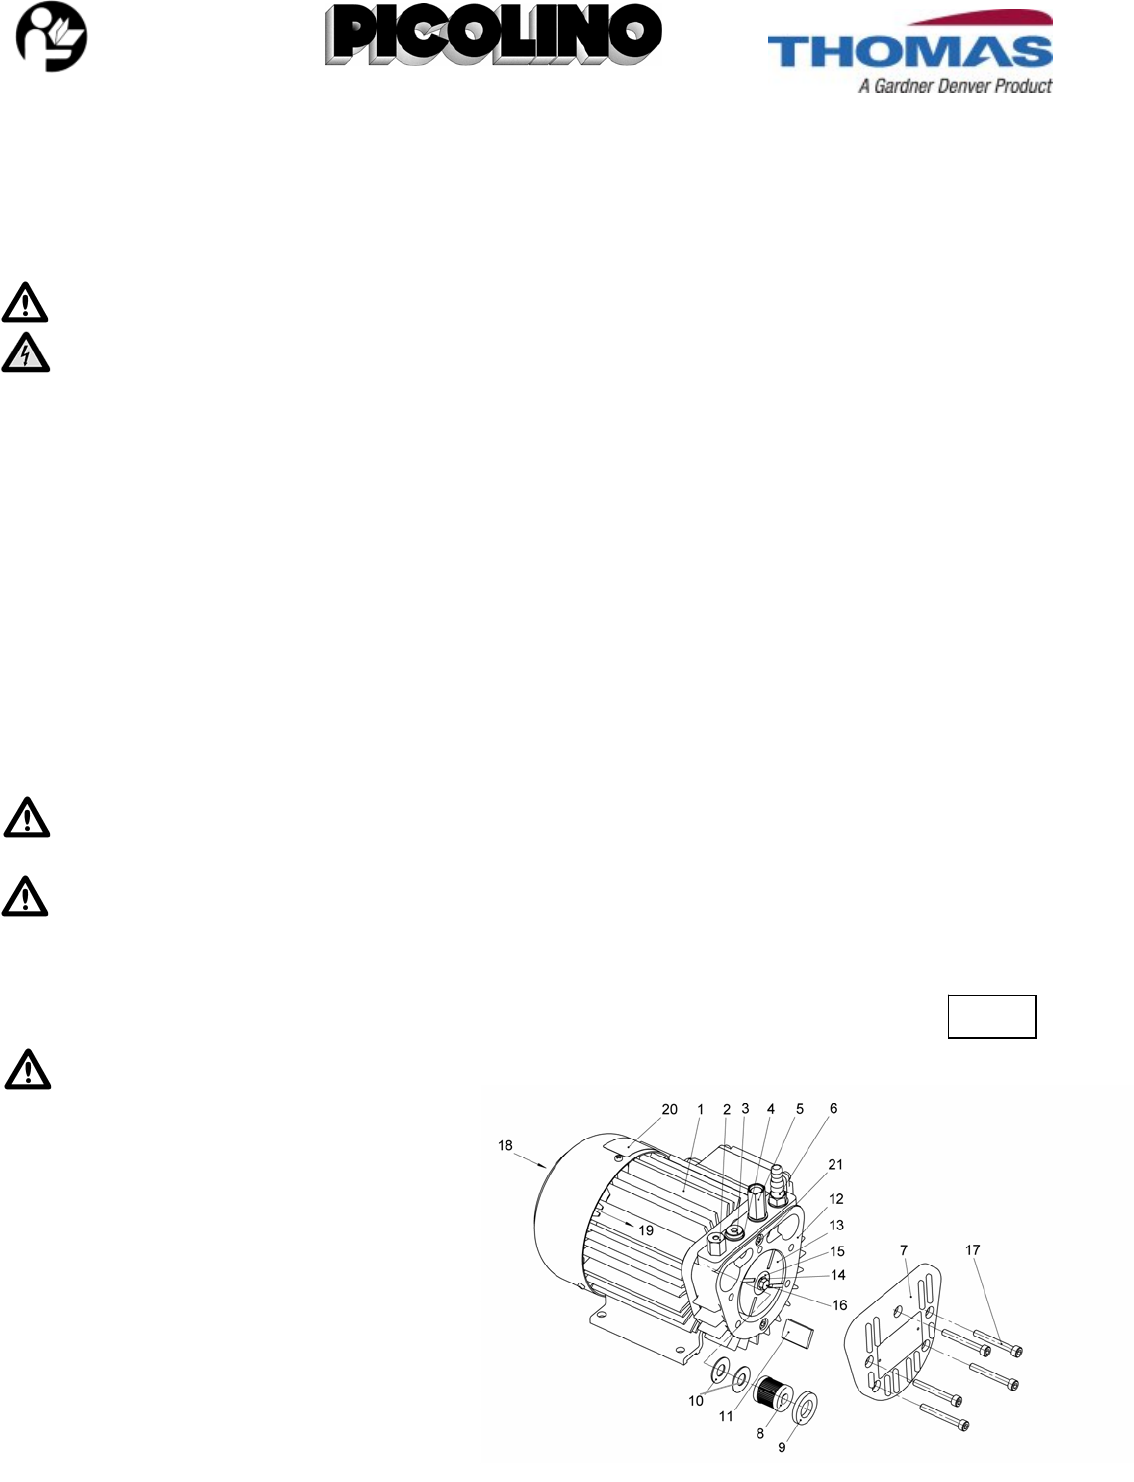 80138 08 01 Bedienungsanleitung Dte 3 10 Deutsch Englisch Thomas Gardner Denver Motor Wiring Diagrams Gmbh Siemensstrasse 4 82178 Puchheim Standort Memmingen